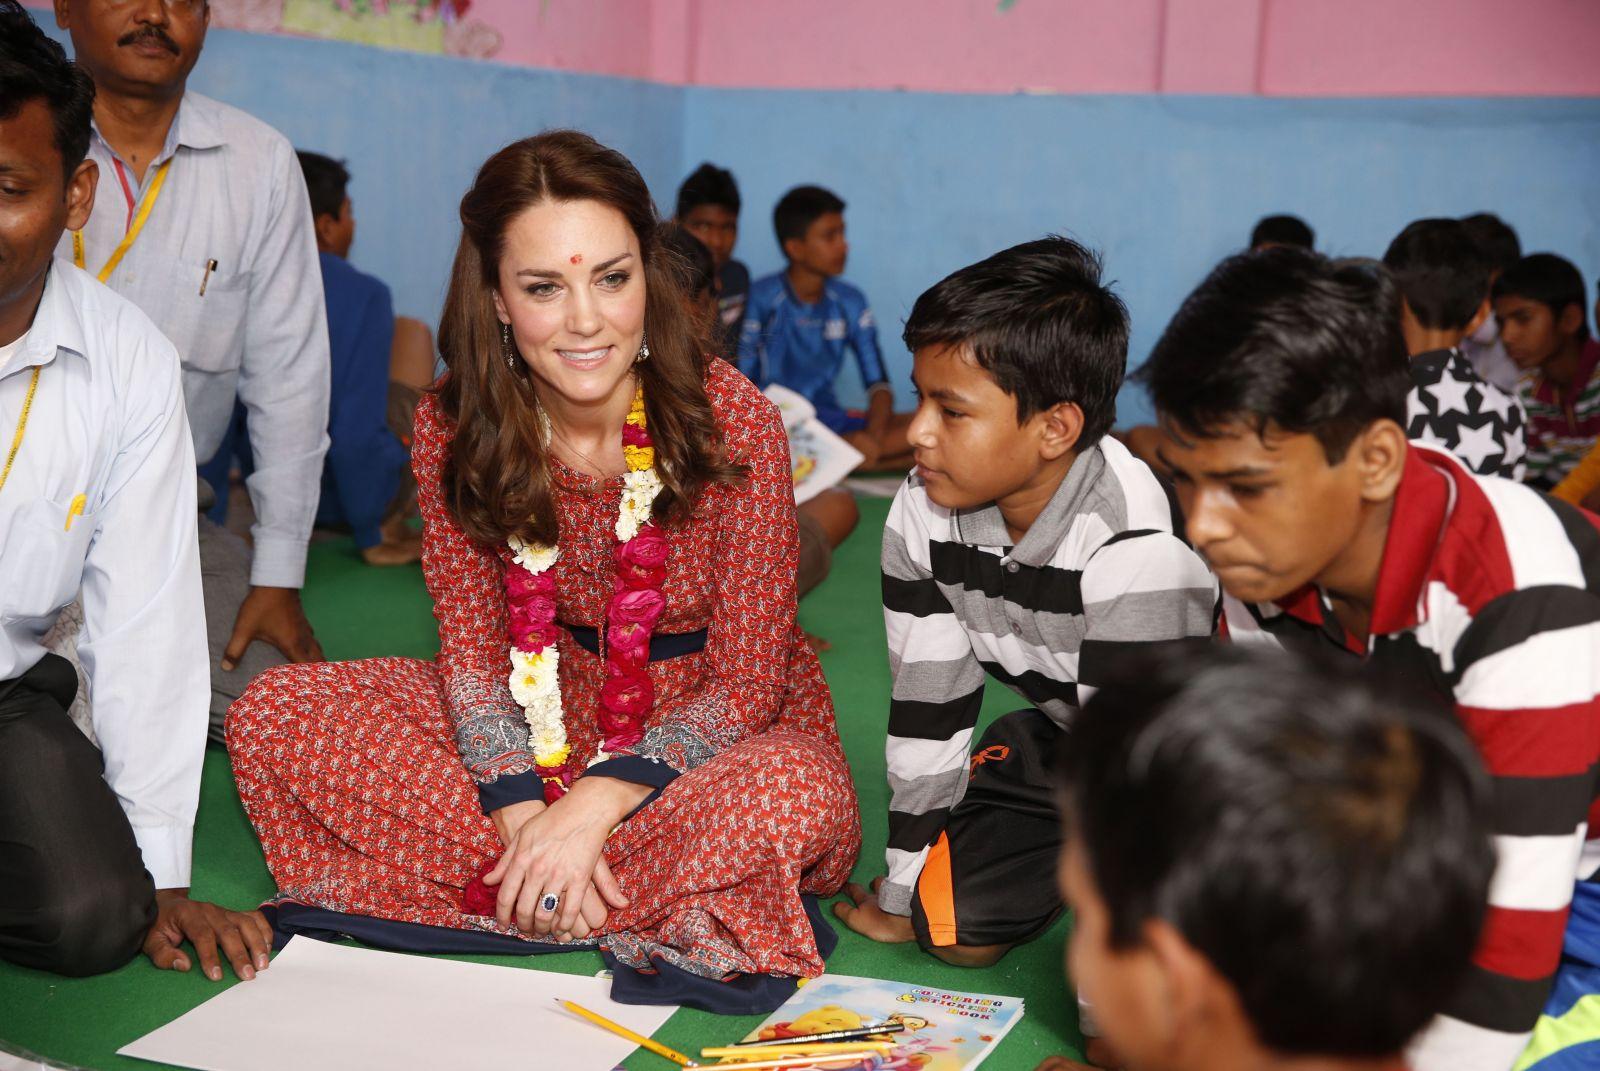 Третий день в Индии: Кейт Миддлтон в макси-платье за 70 долларов и кружевном наряде за 1135 долларов